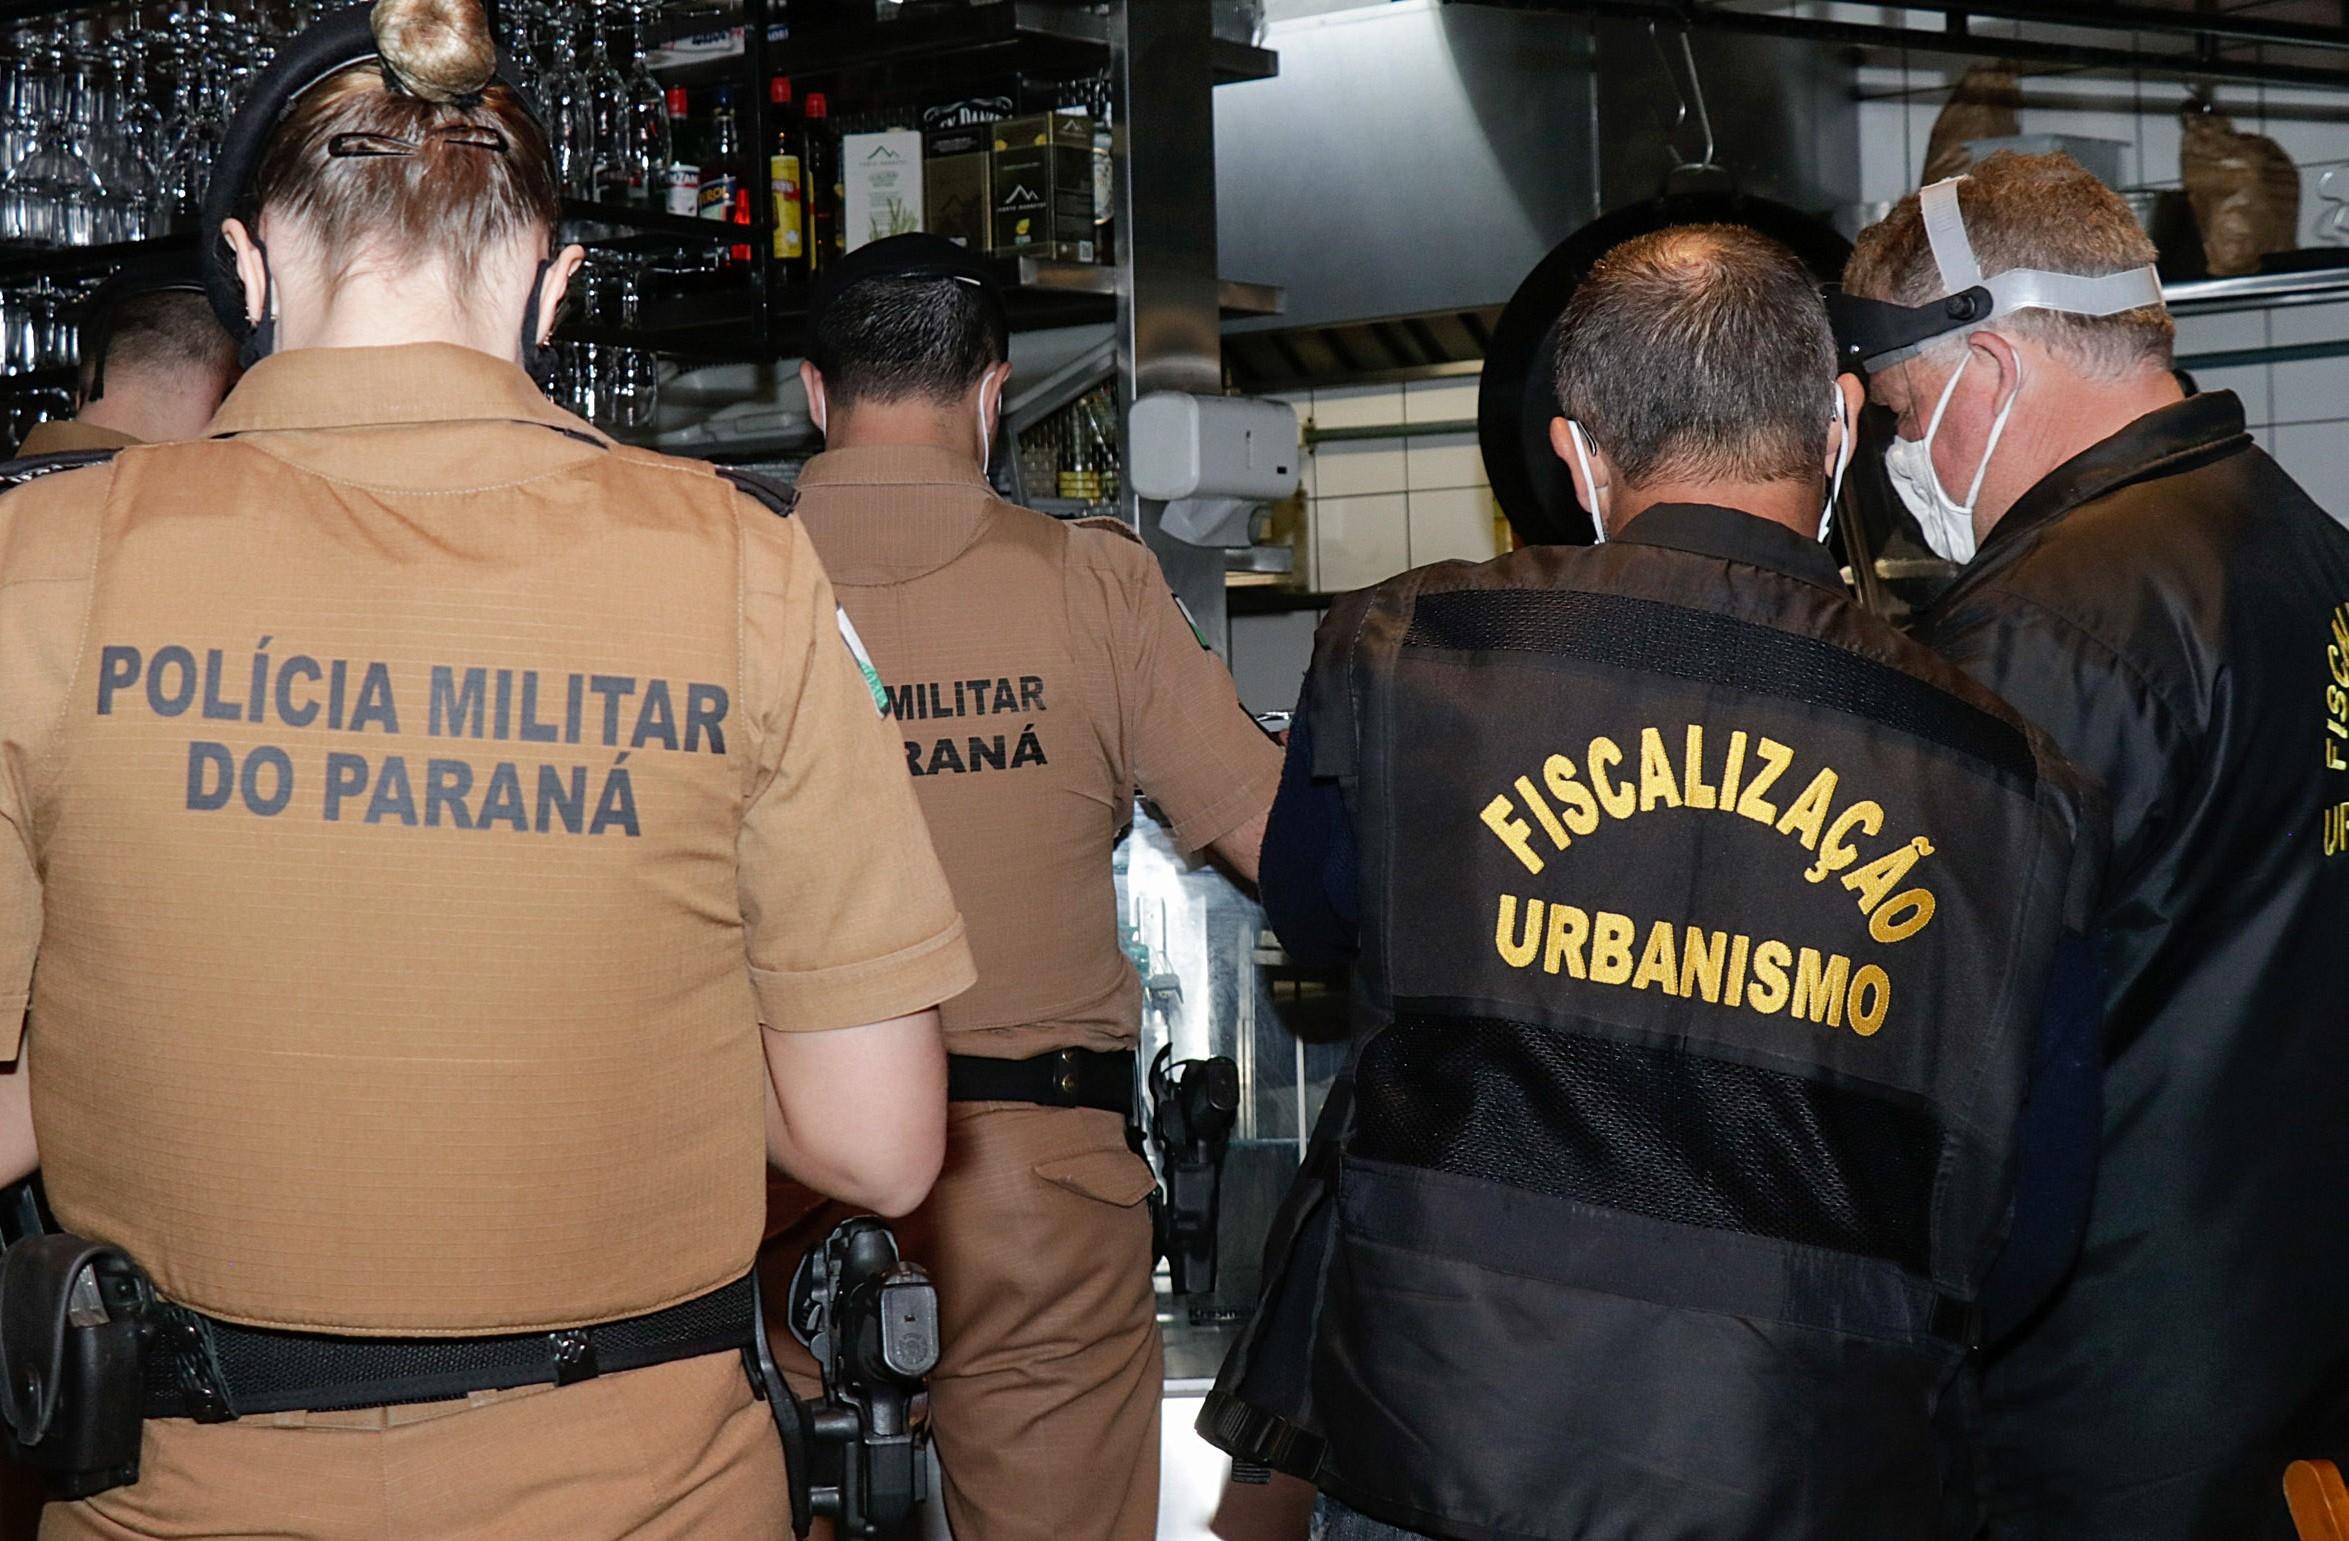 Coronavírus: Em dois dias, 47 estabelecimentos são interditados pela Prefeitura de Curitiba